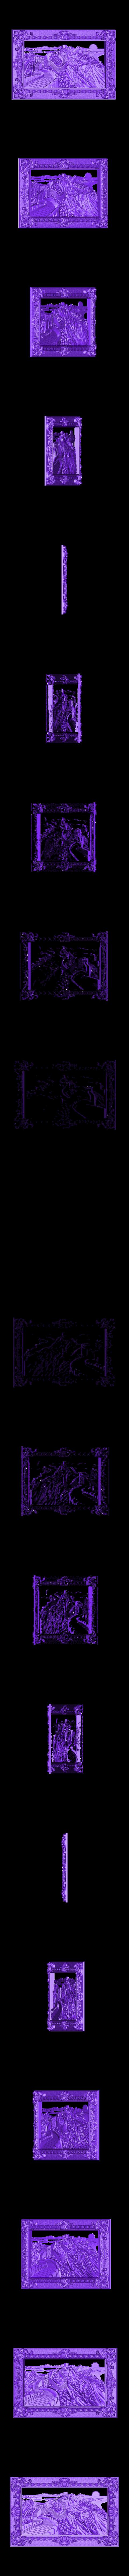 333.stl Télécharger fichier STL gratuit Superbe machine à router cnc murale chinoise avec cadre d'art • Plan à imprimer en 3D, CNC_file_and_3D_Printing